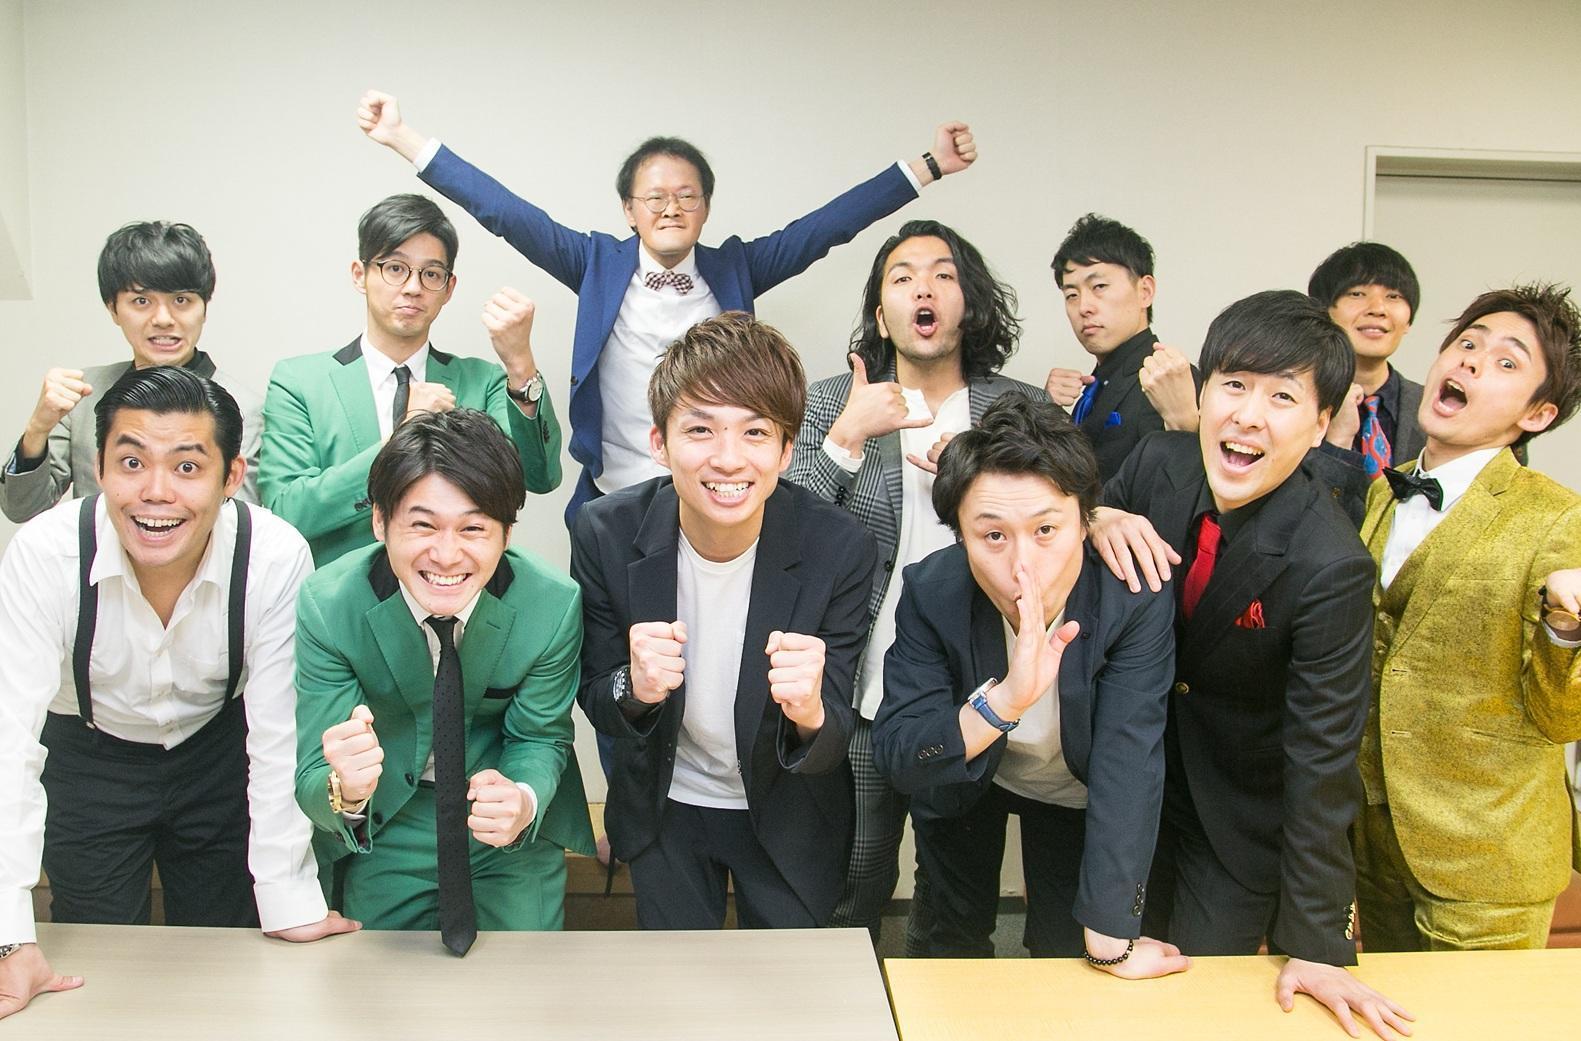 http://news.yoshimoto.co.jp/20181226120541-e9c3ba97b42153c35f0d9e5469a57e3b3fc9e2f9.jpg